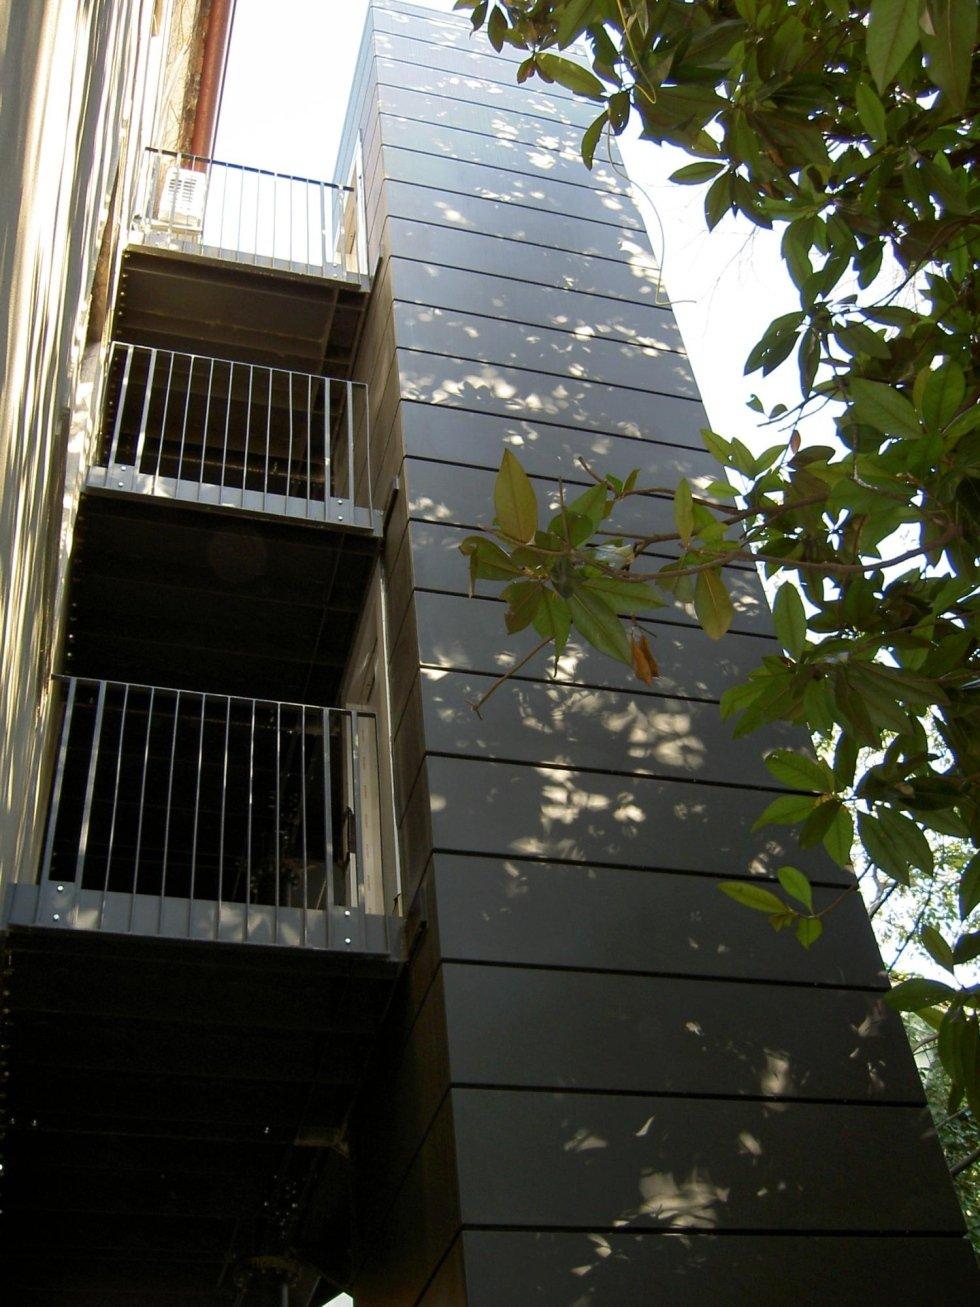 ascensore esterno, tamponamento in lamiera